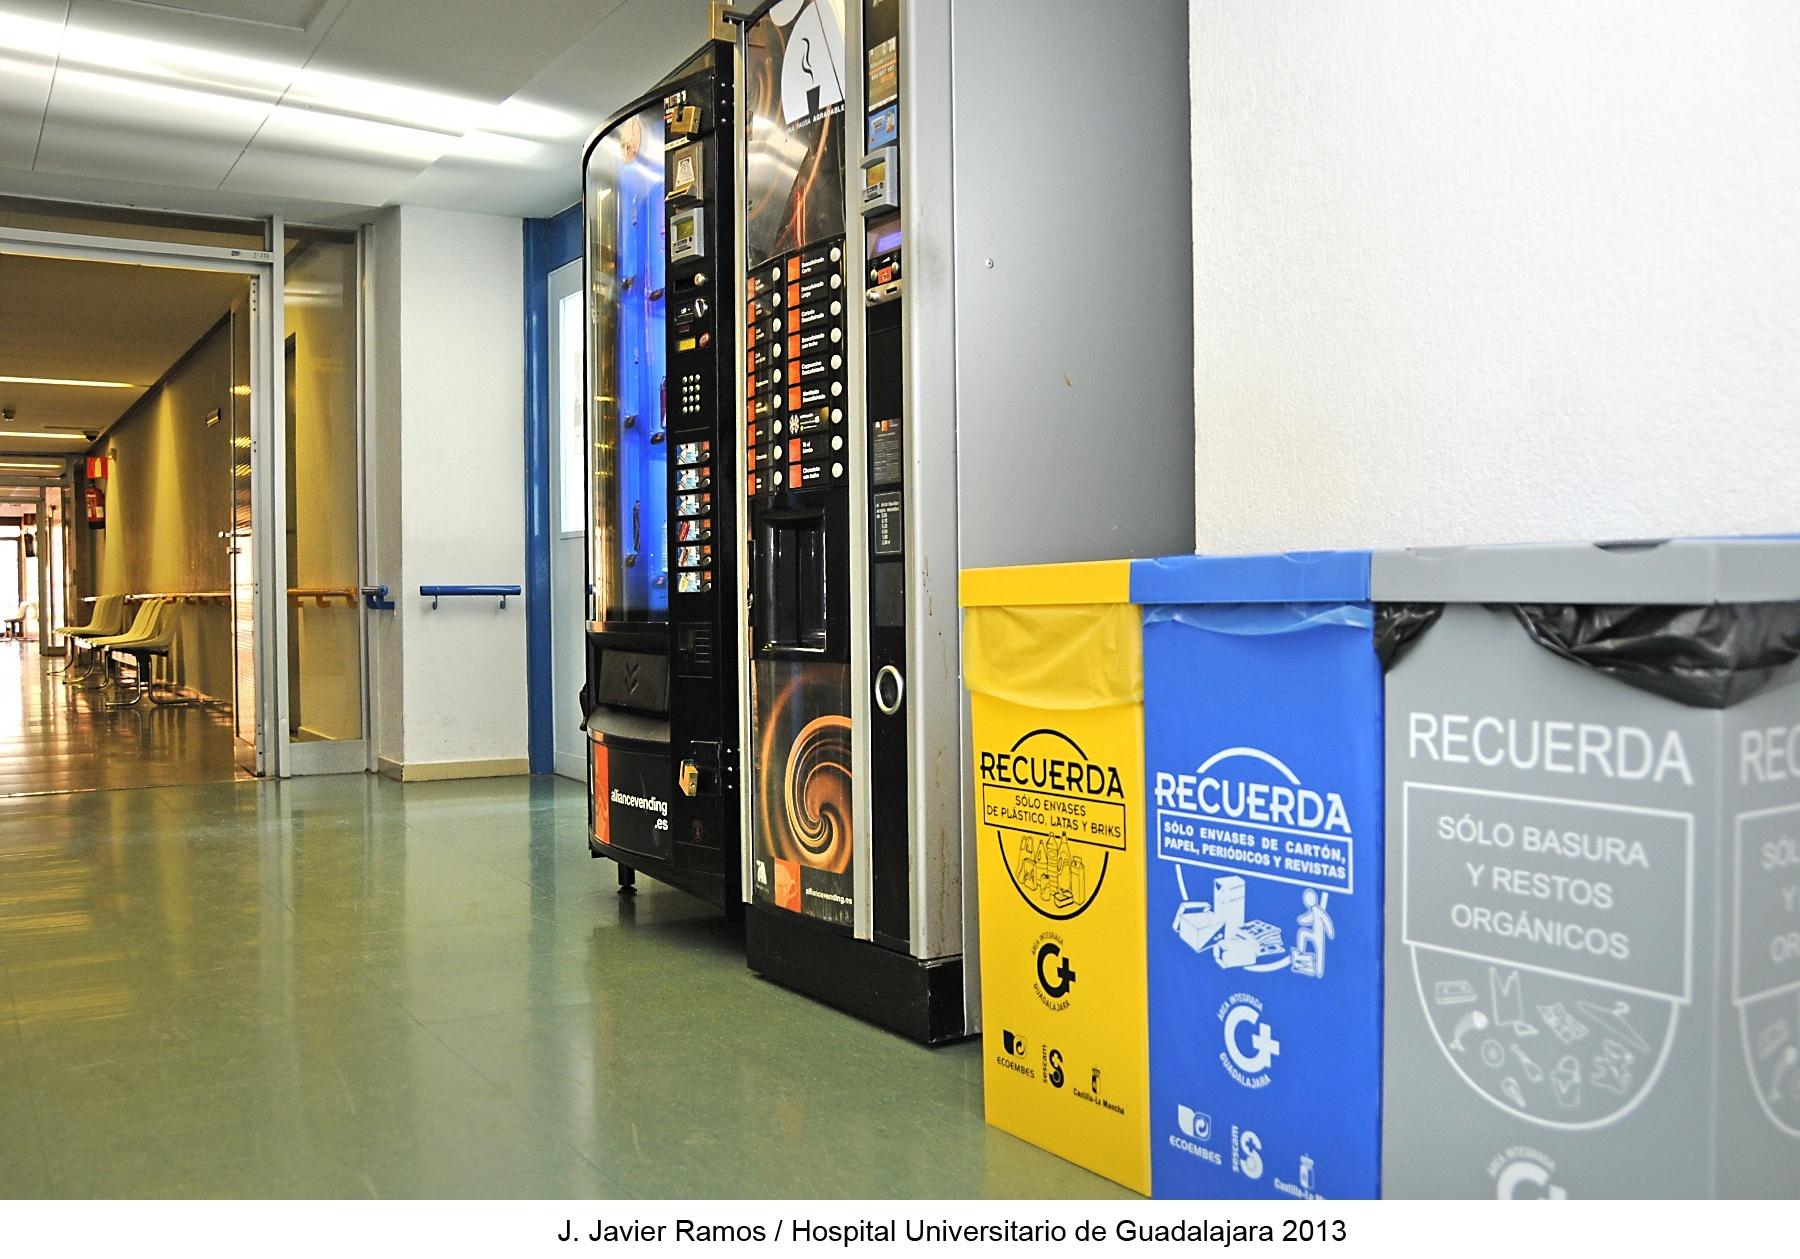 Hospital Universitario de Guadalajara ha reciclado más de 45.000 kilos de papel y cartón en 2013